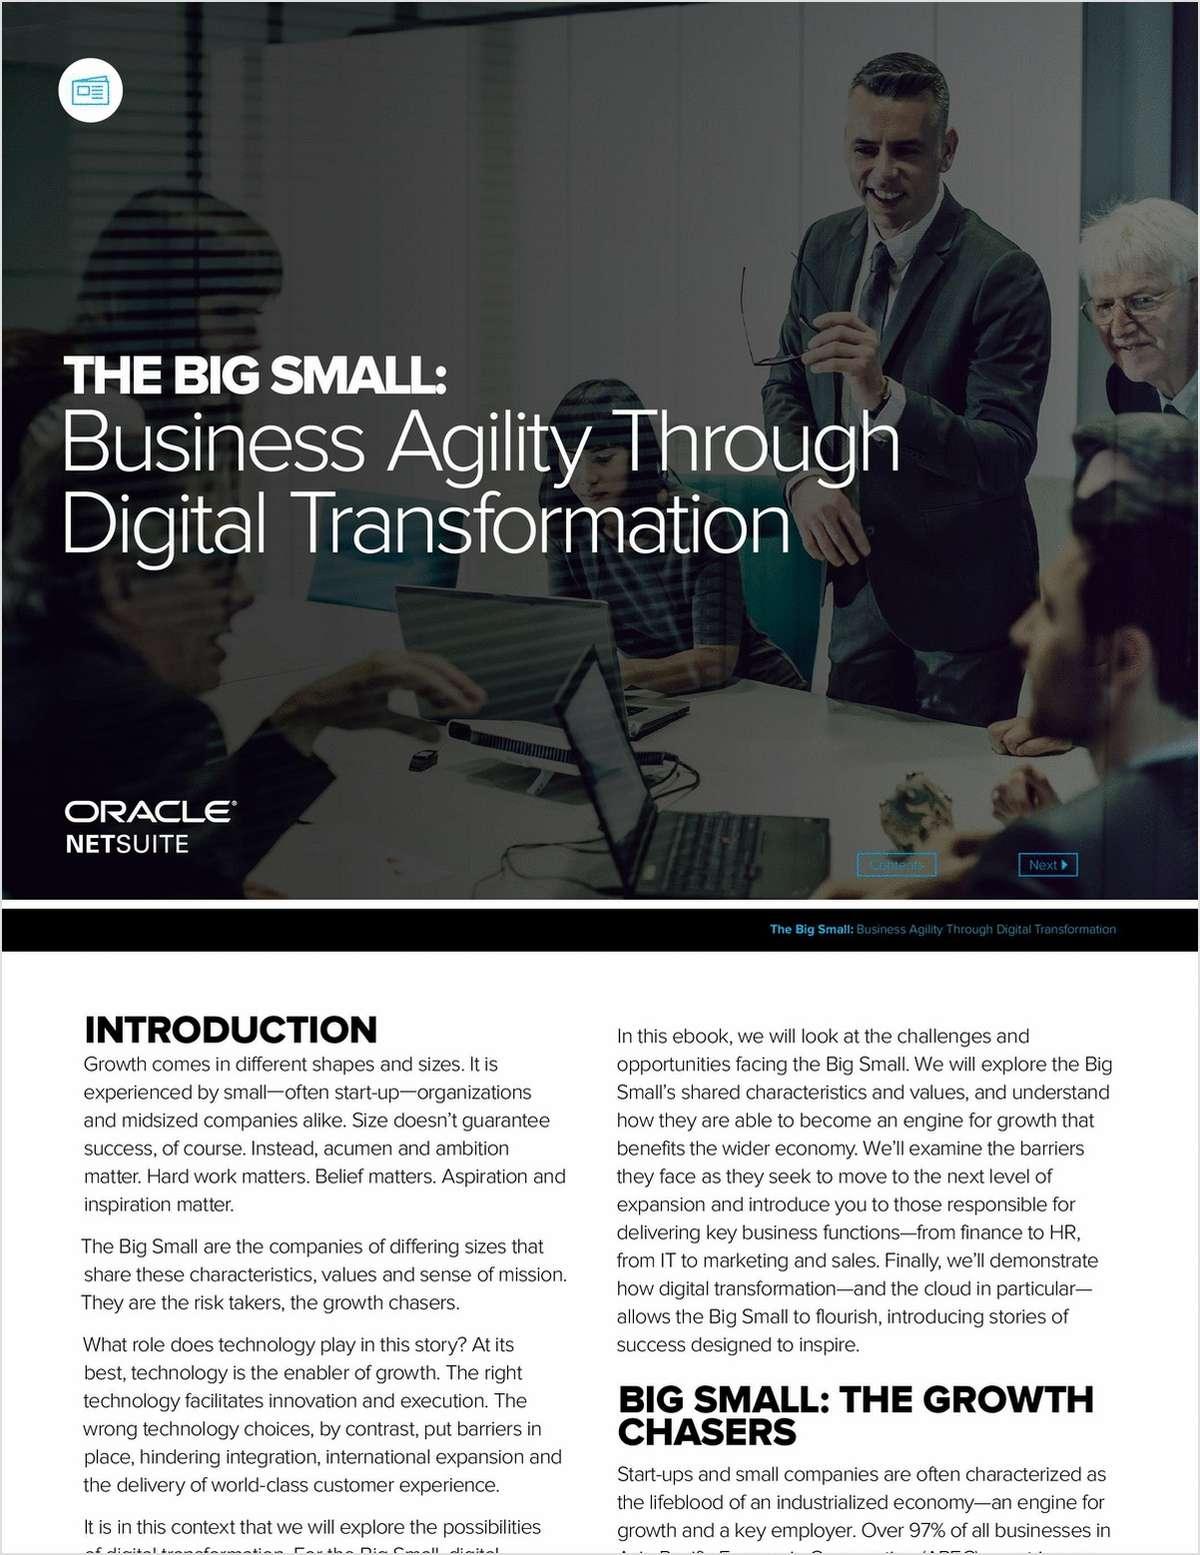 Business Agility through Digital Transformation